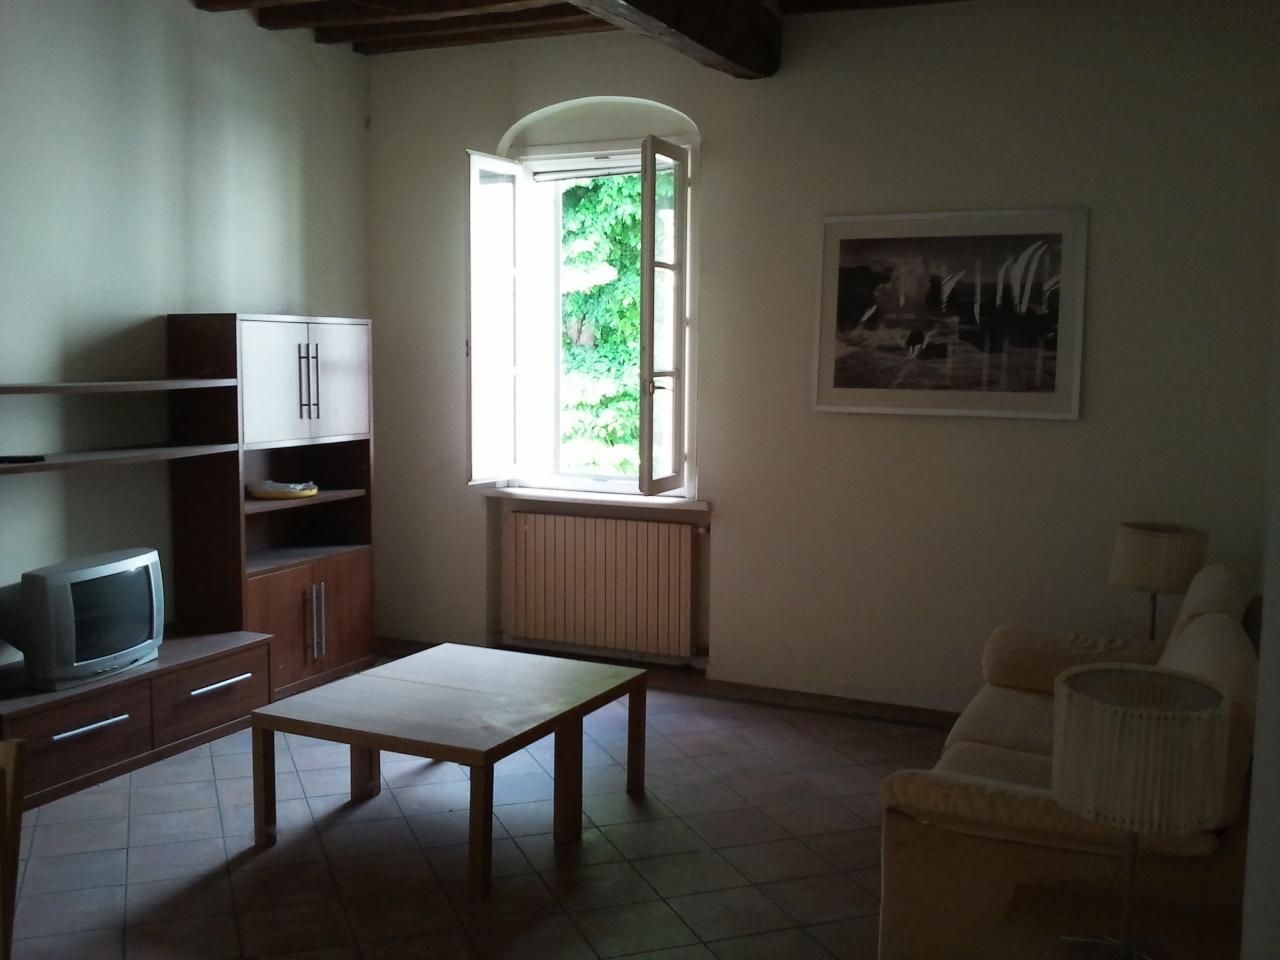 Appartamento in vendita a Colorno, 2 locali, prezzo € 115.000 | Cambio Casa.it